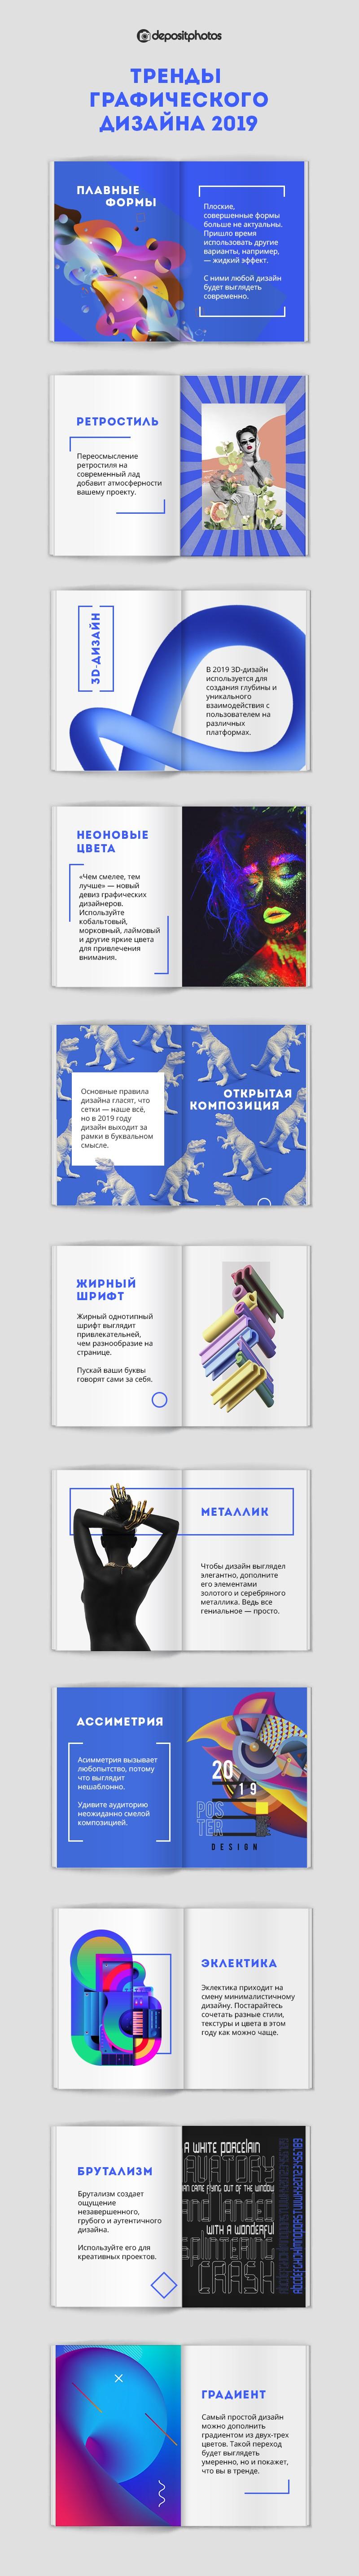 Тренды графического дизайна 2019 от Depositphotos [инфографика].jpg